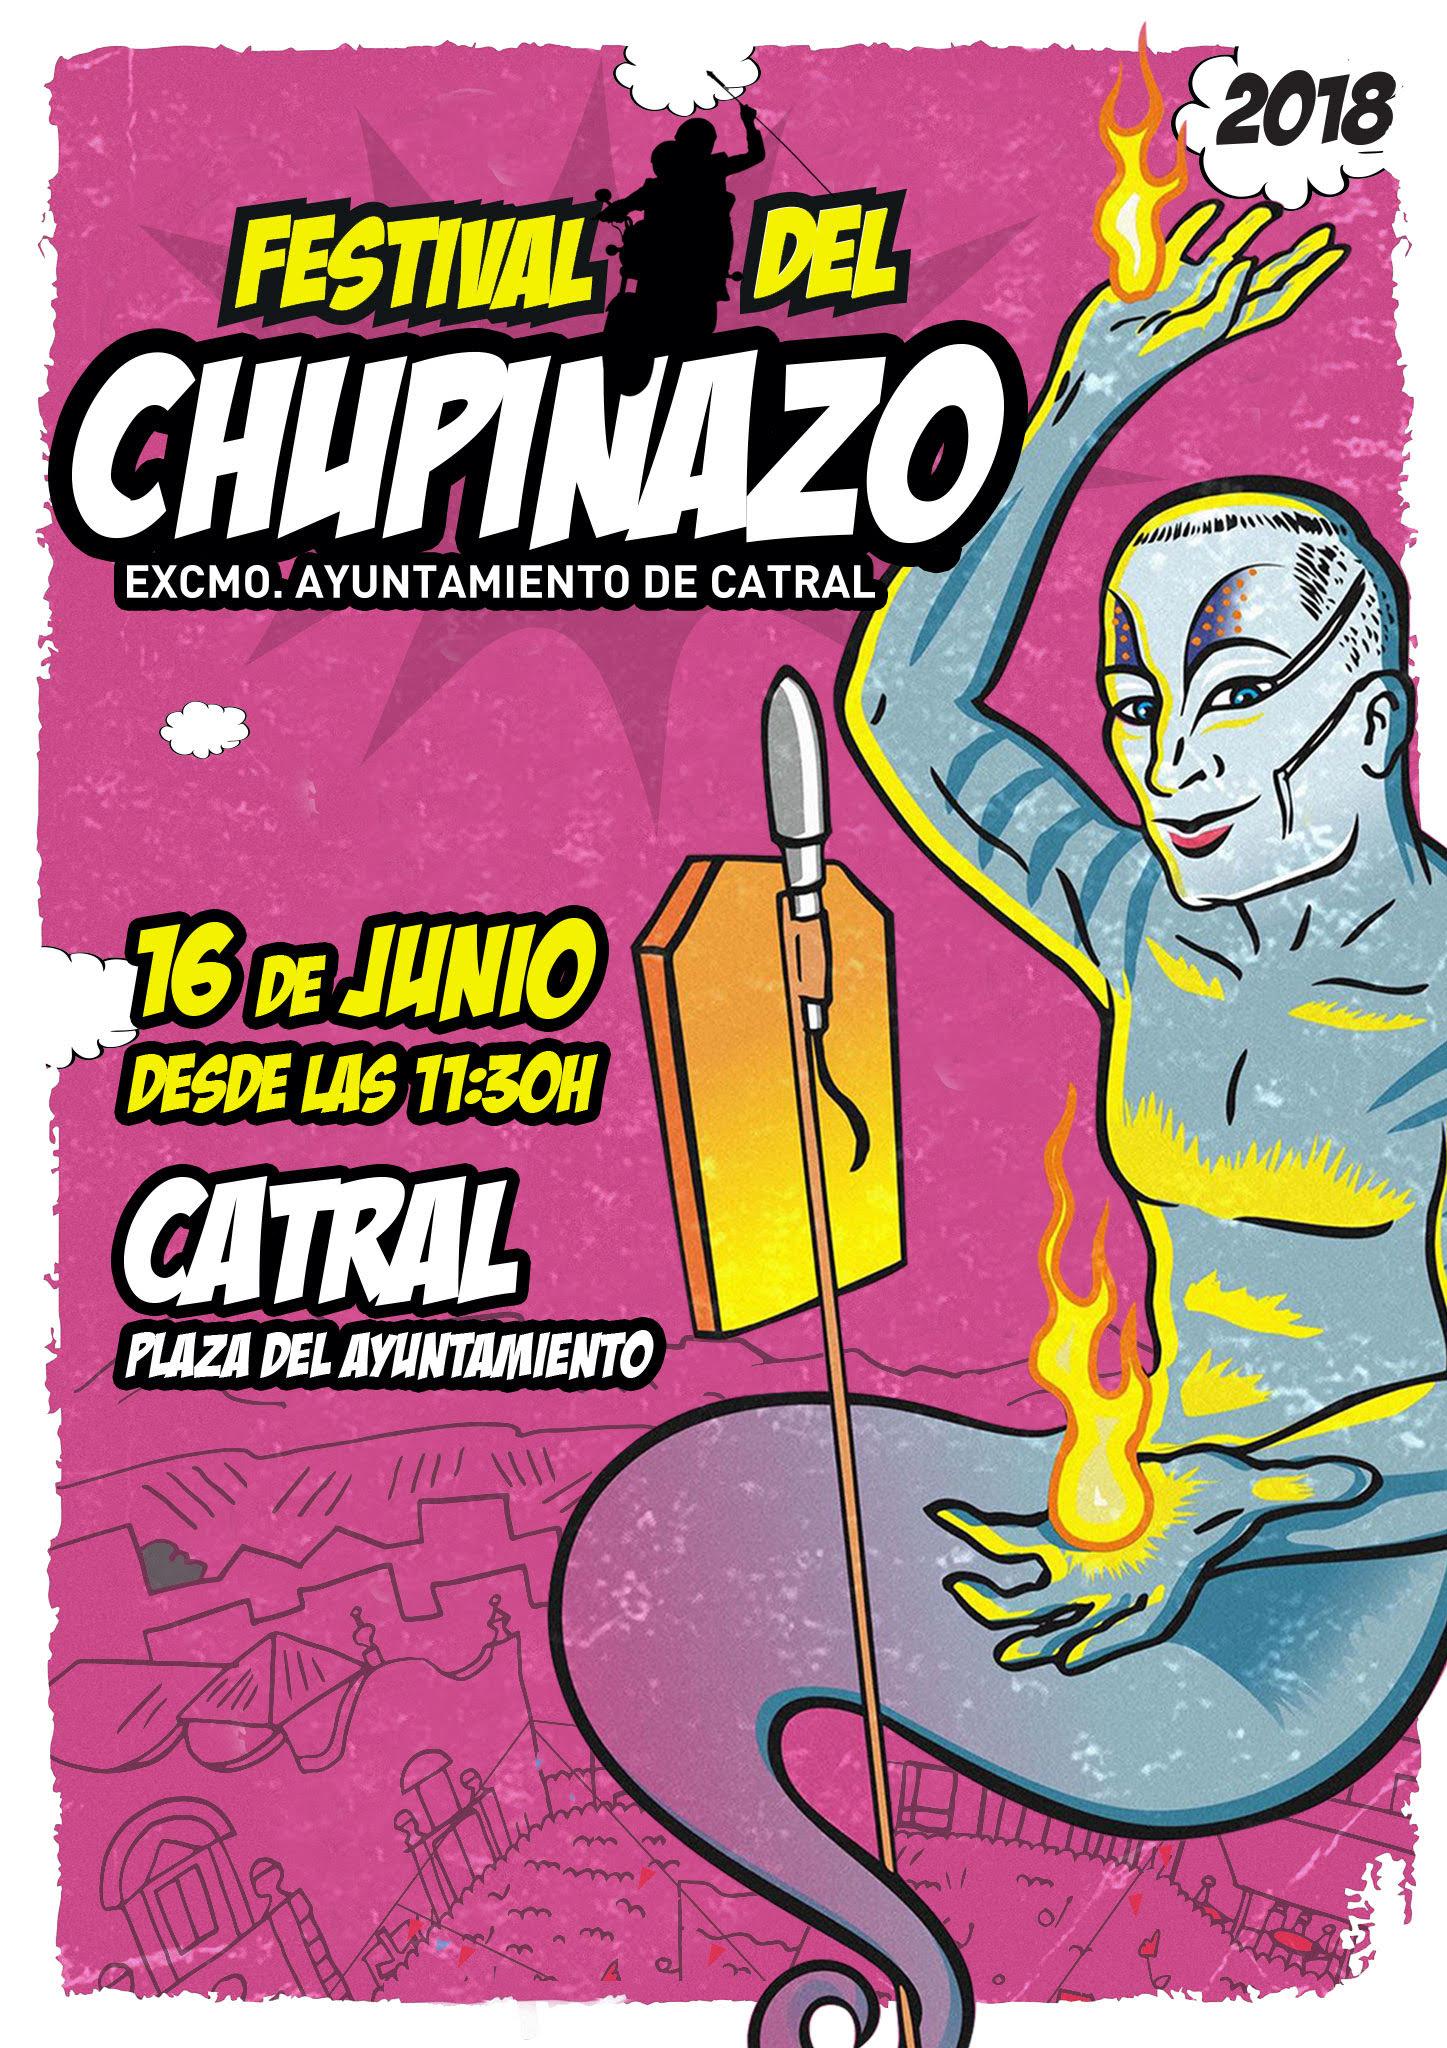 chupinazo-2018